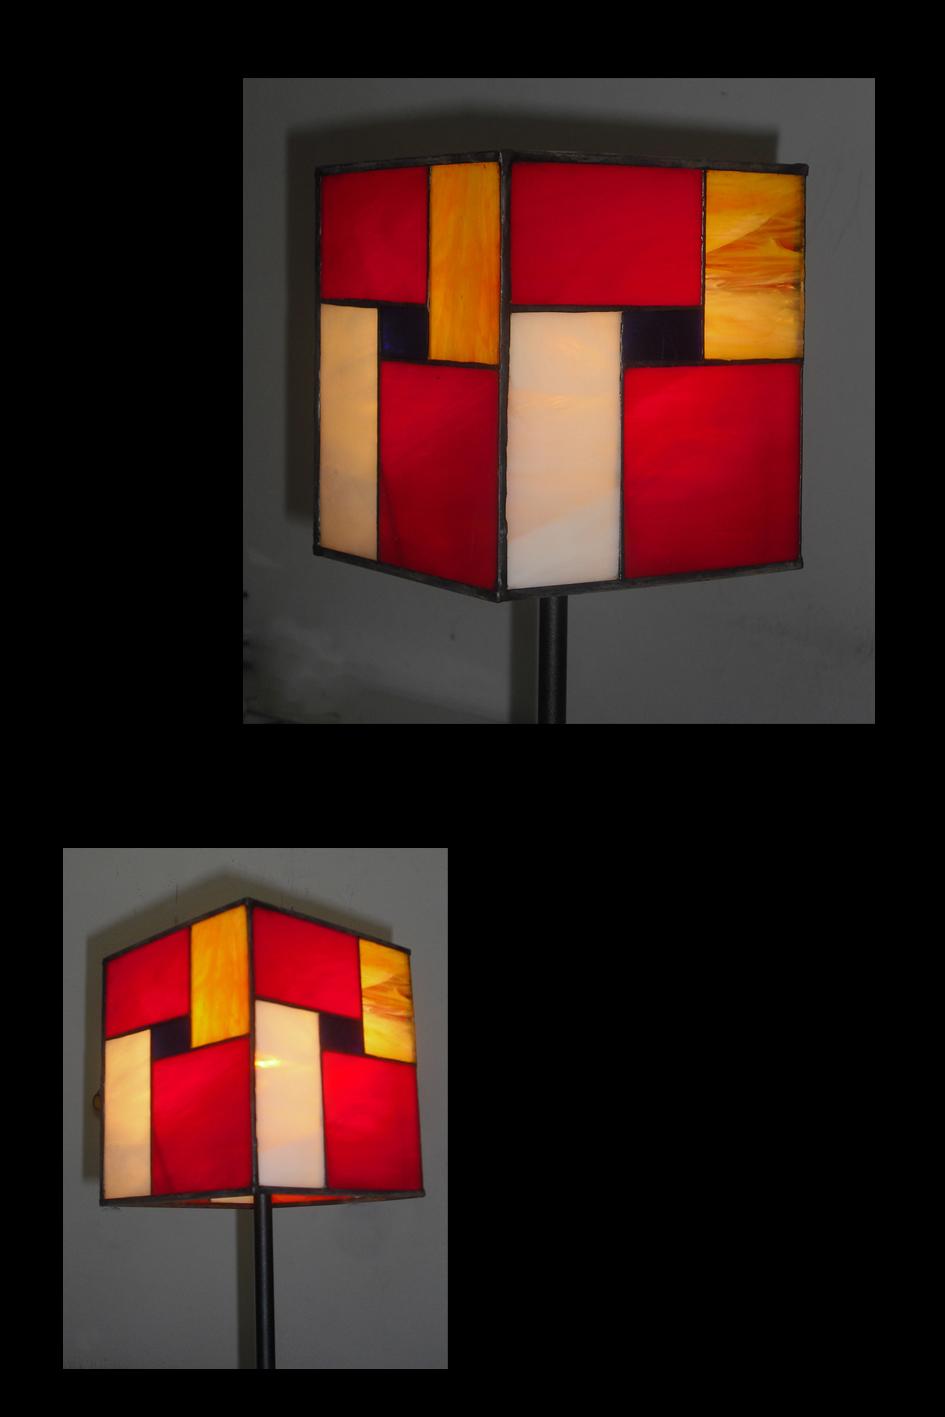 מנורת ויטראז על רגל ישרה, דגם מונדריאן טיפאני מונדריאן